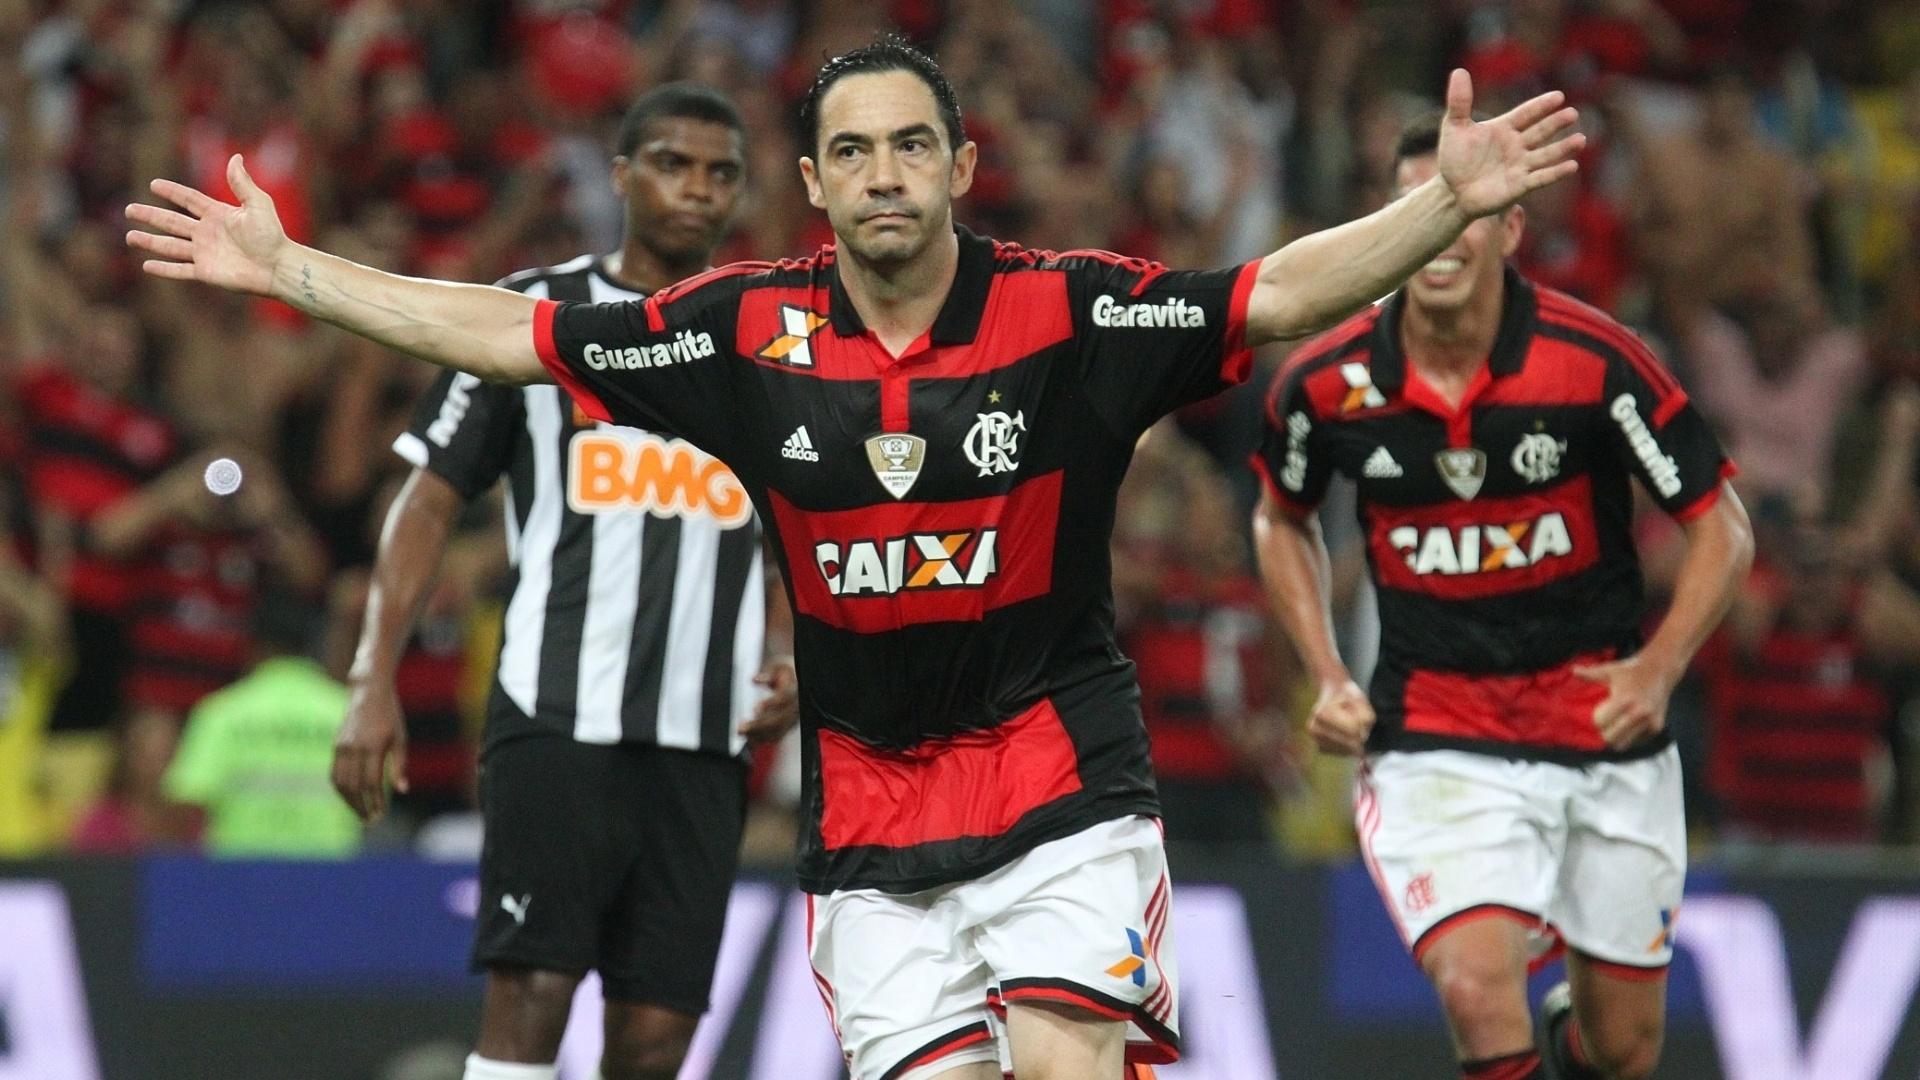 http://imguol.com/c/esporte/2014/10/29/chicao-comemora-gol-de-penalti-do-flamengo-contra-o-atletico-mg-pela-copa-do-brasil-1414633596909_1920x1080.jpg